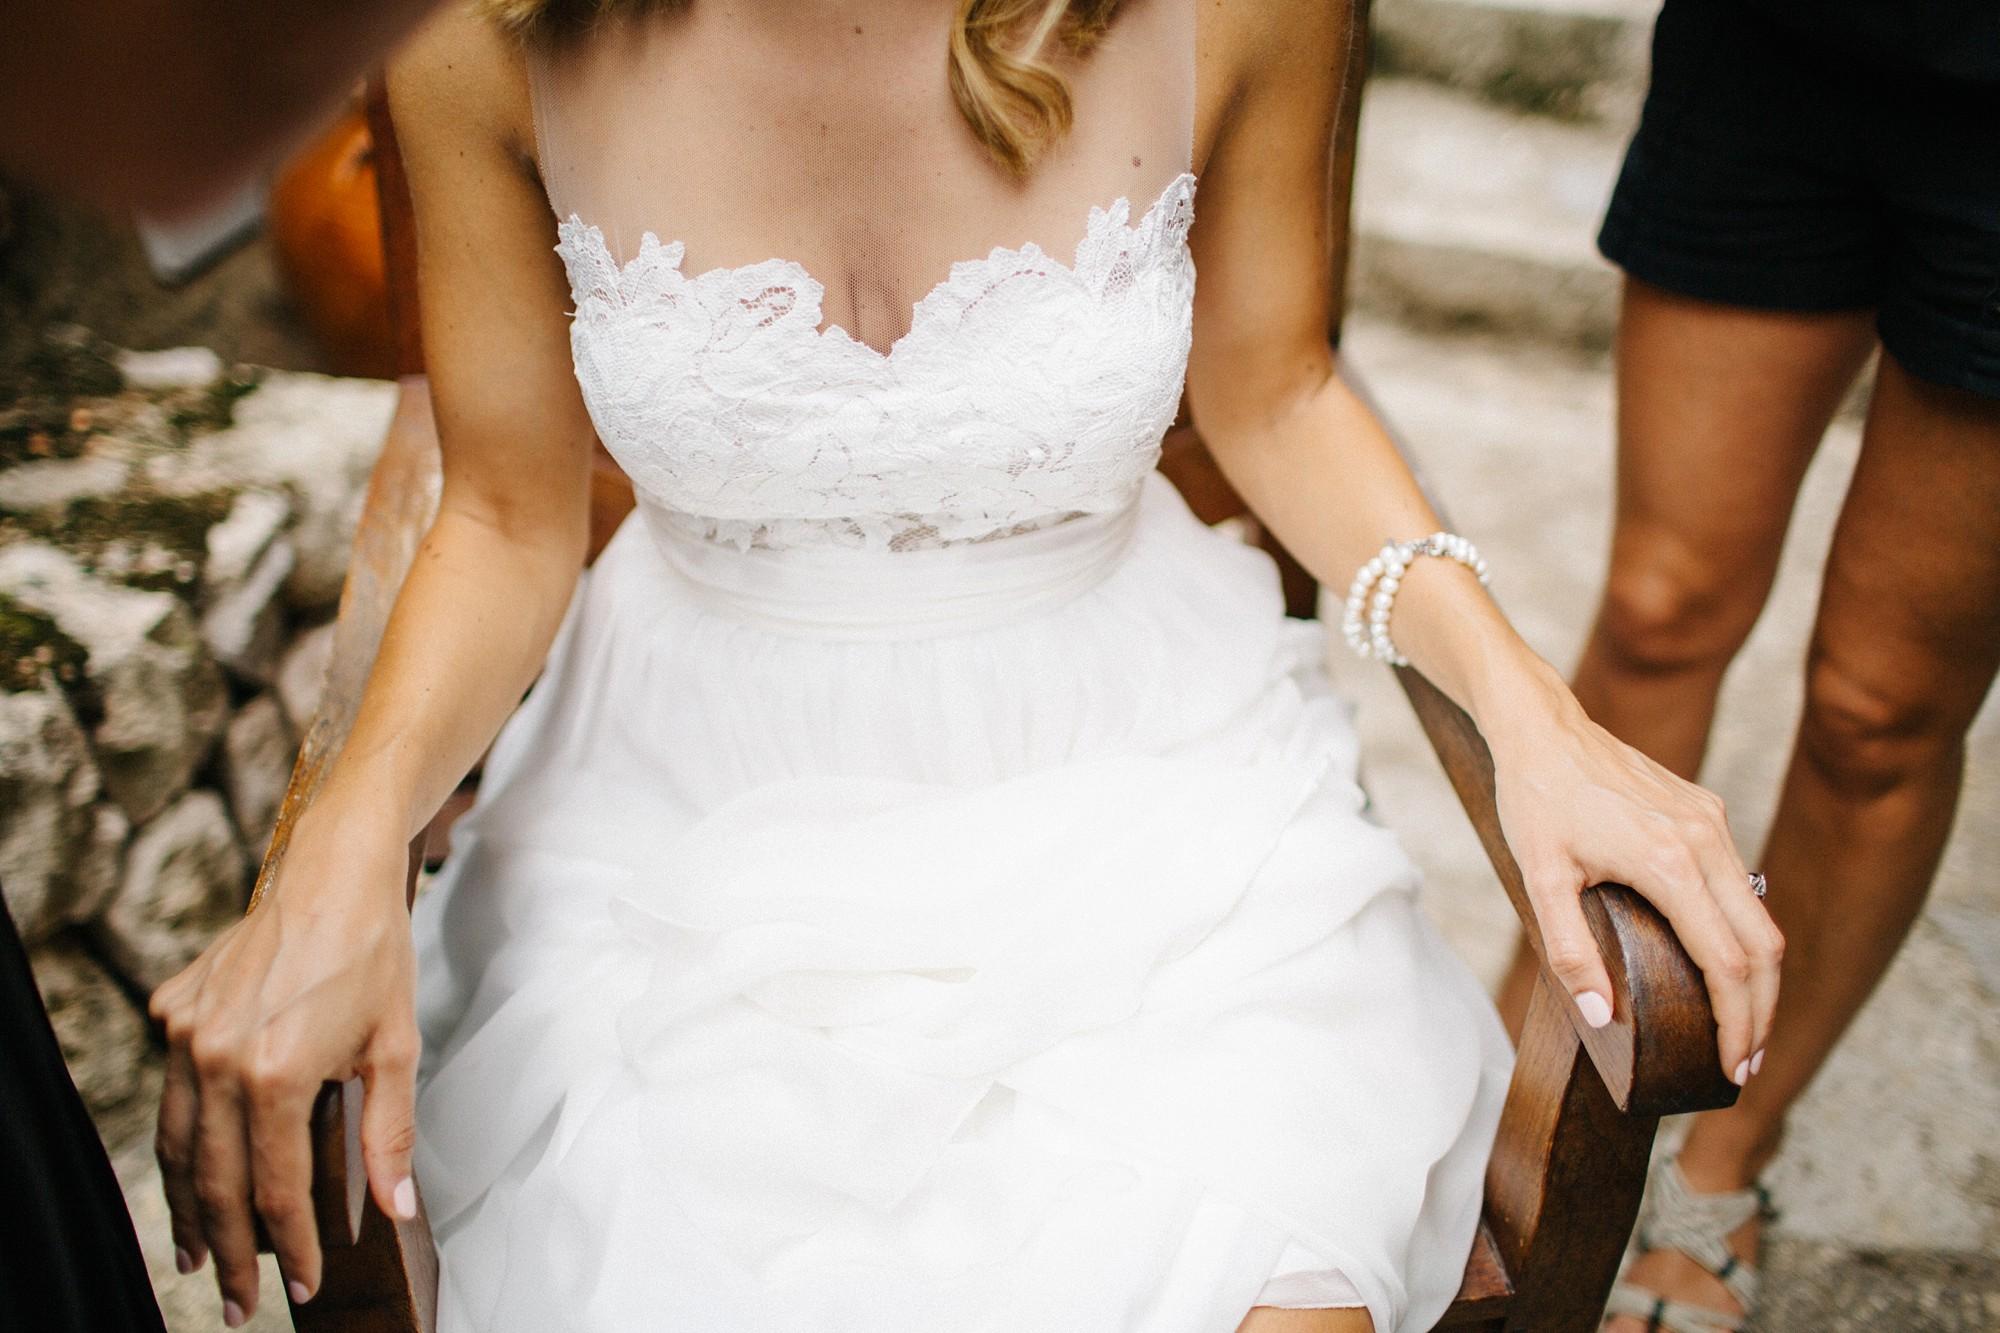 fotografos de boda en valencia barcelona mallorca wedding photographer038.jpg